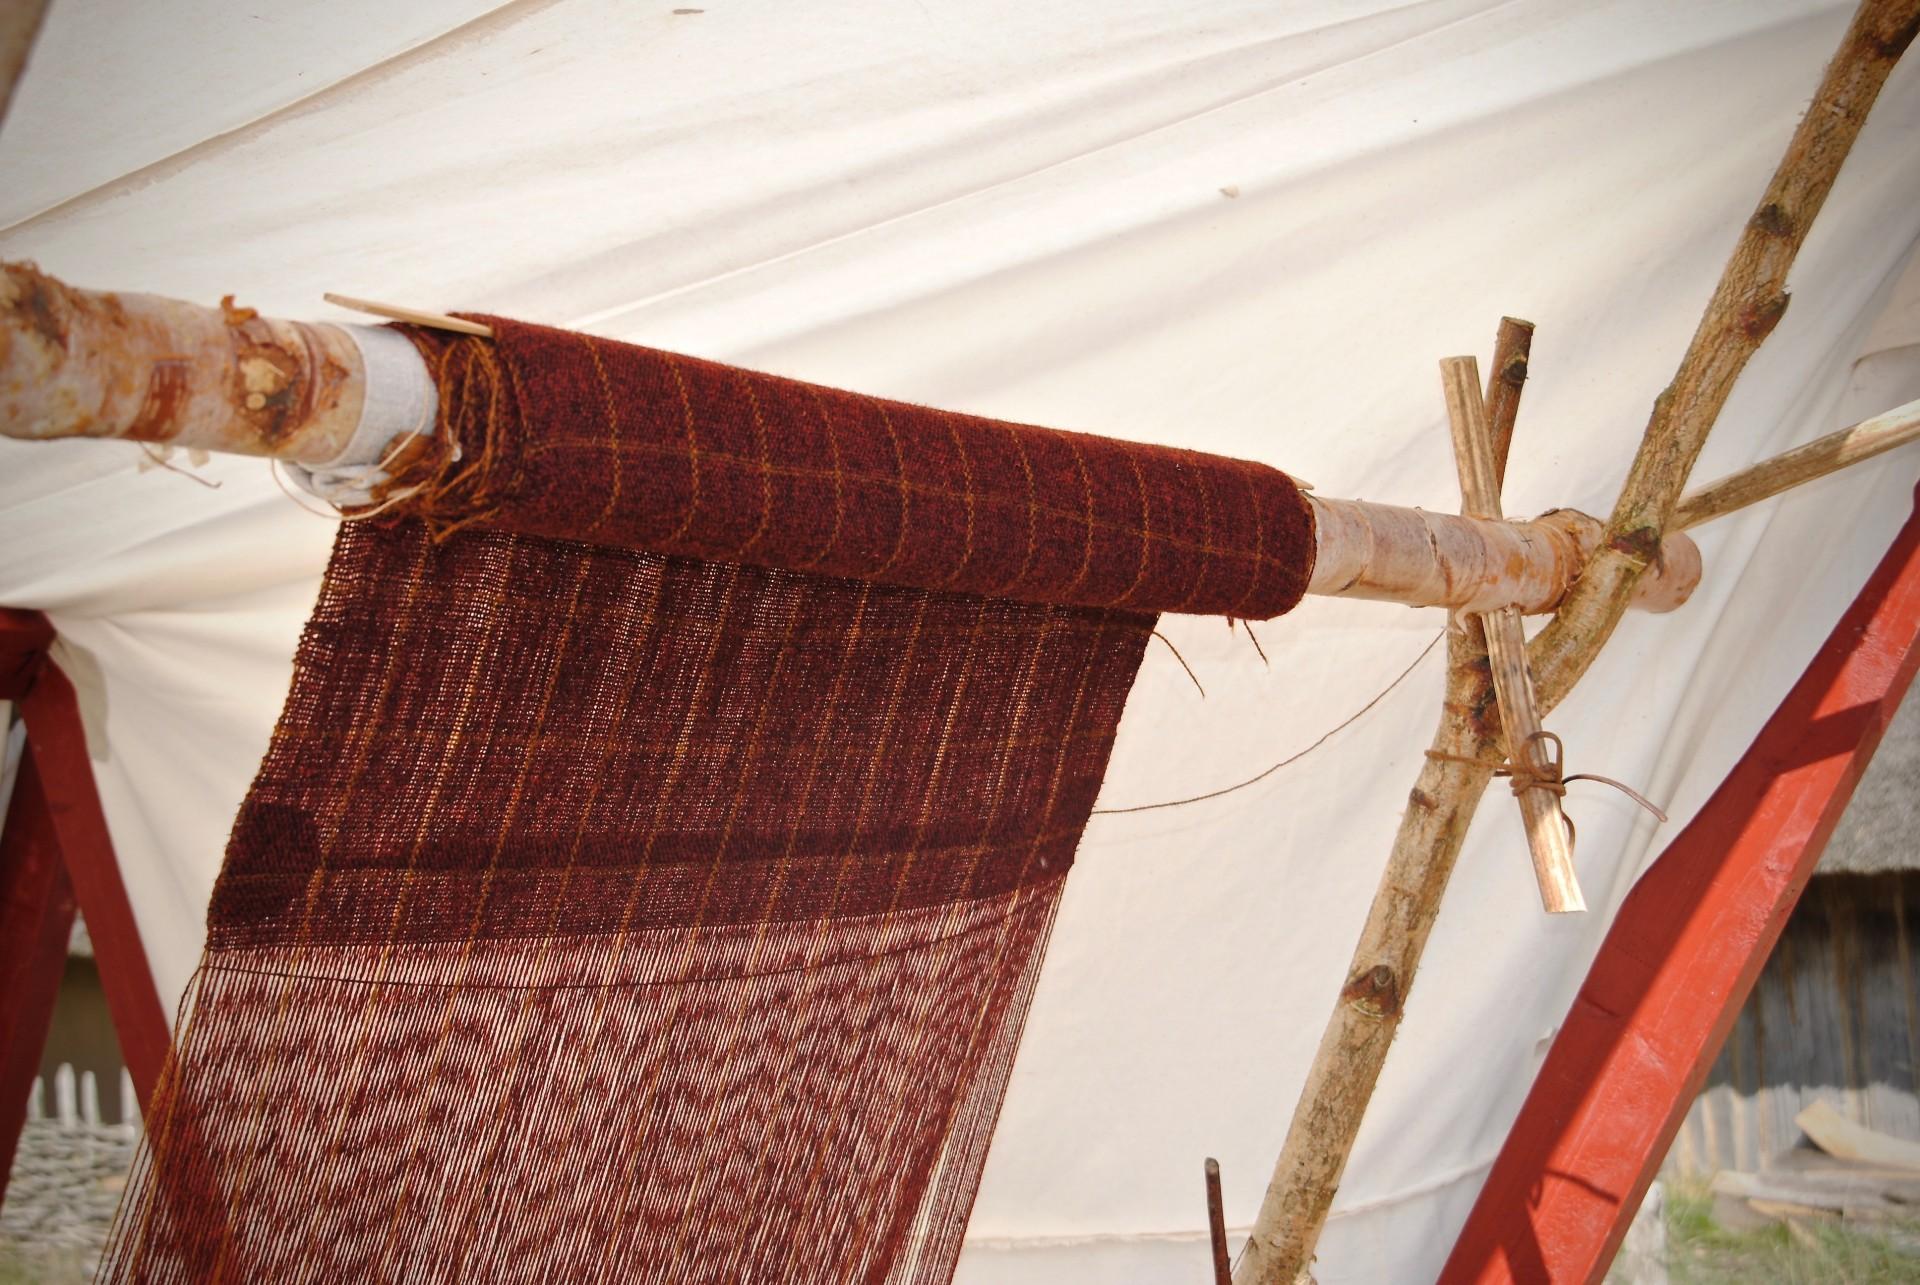 Hochwebstuhl aus Schweden, Markt in Haithabu